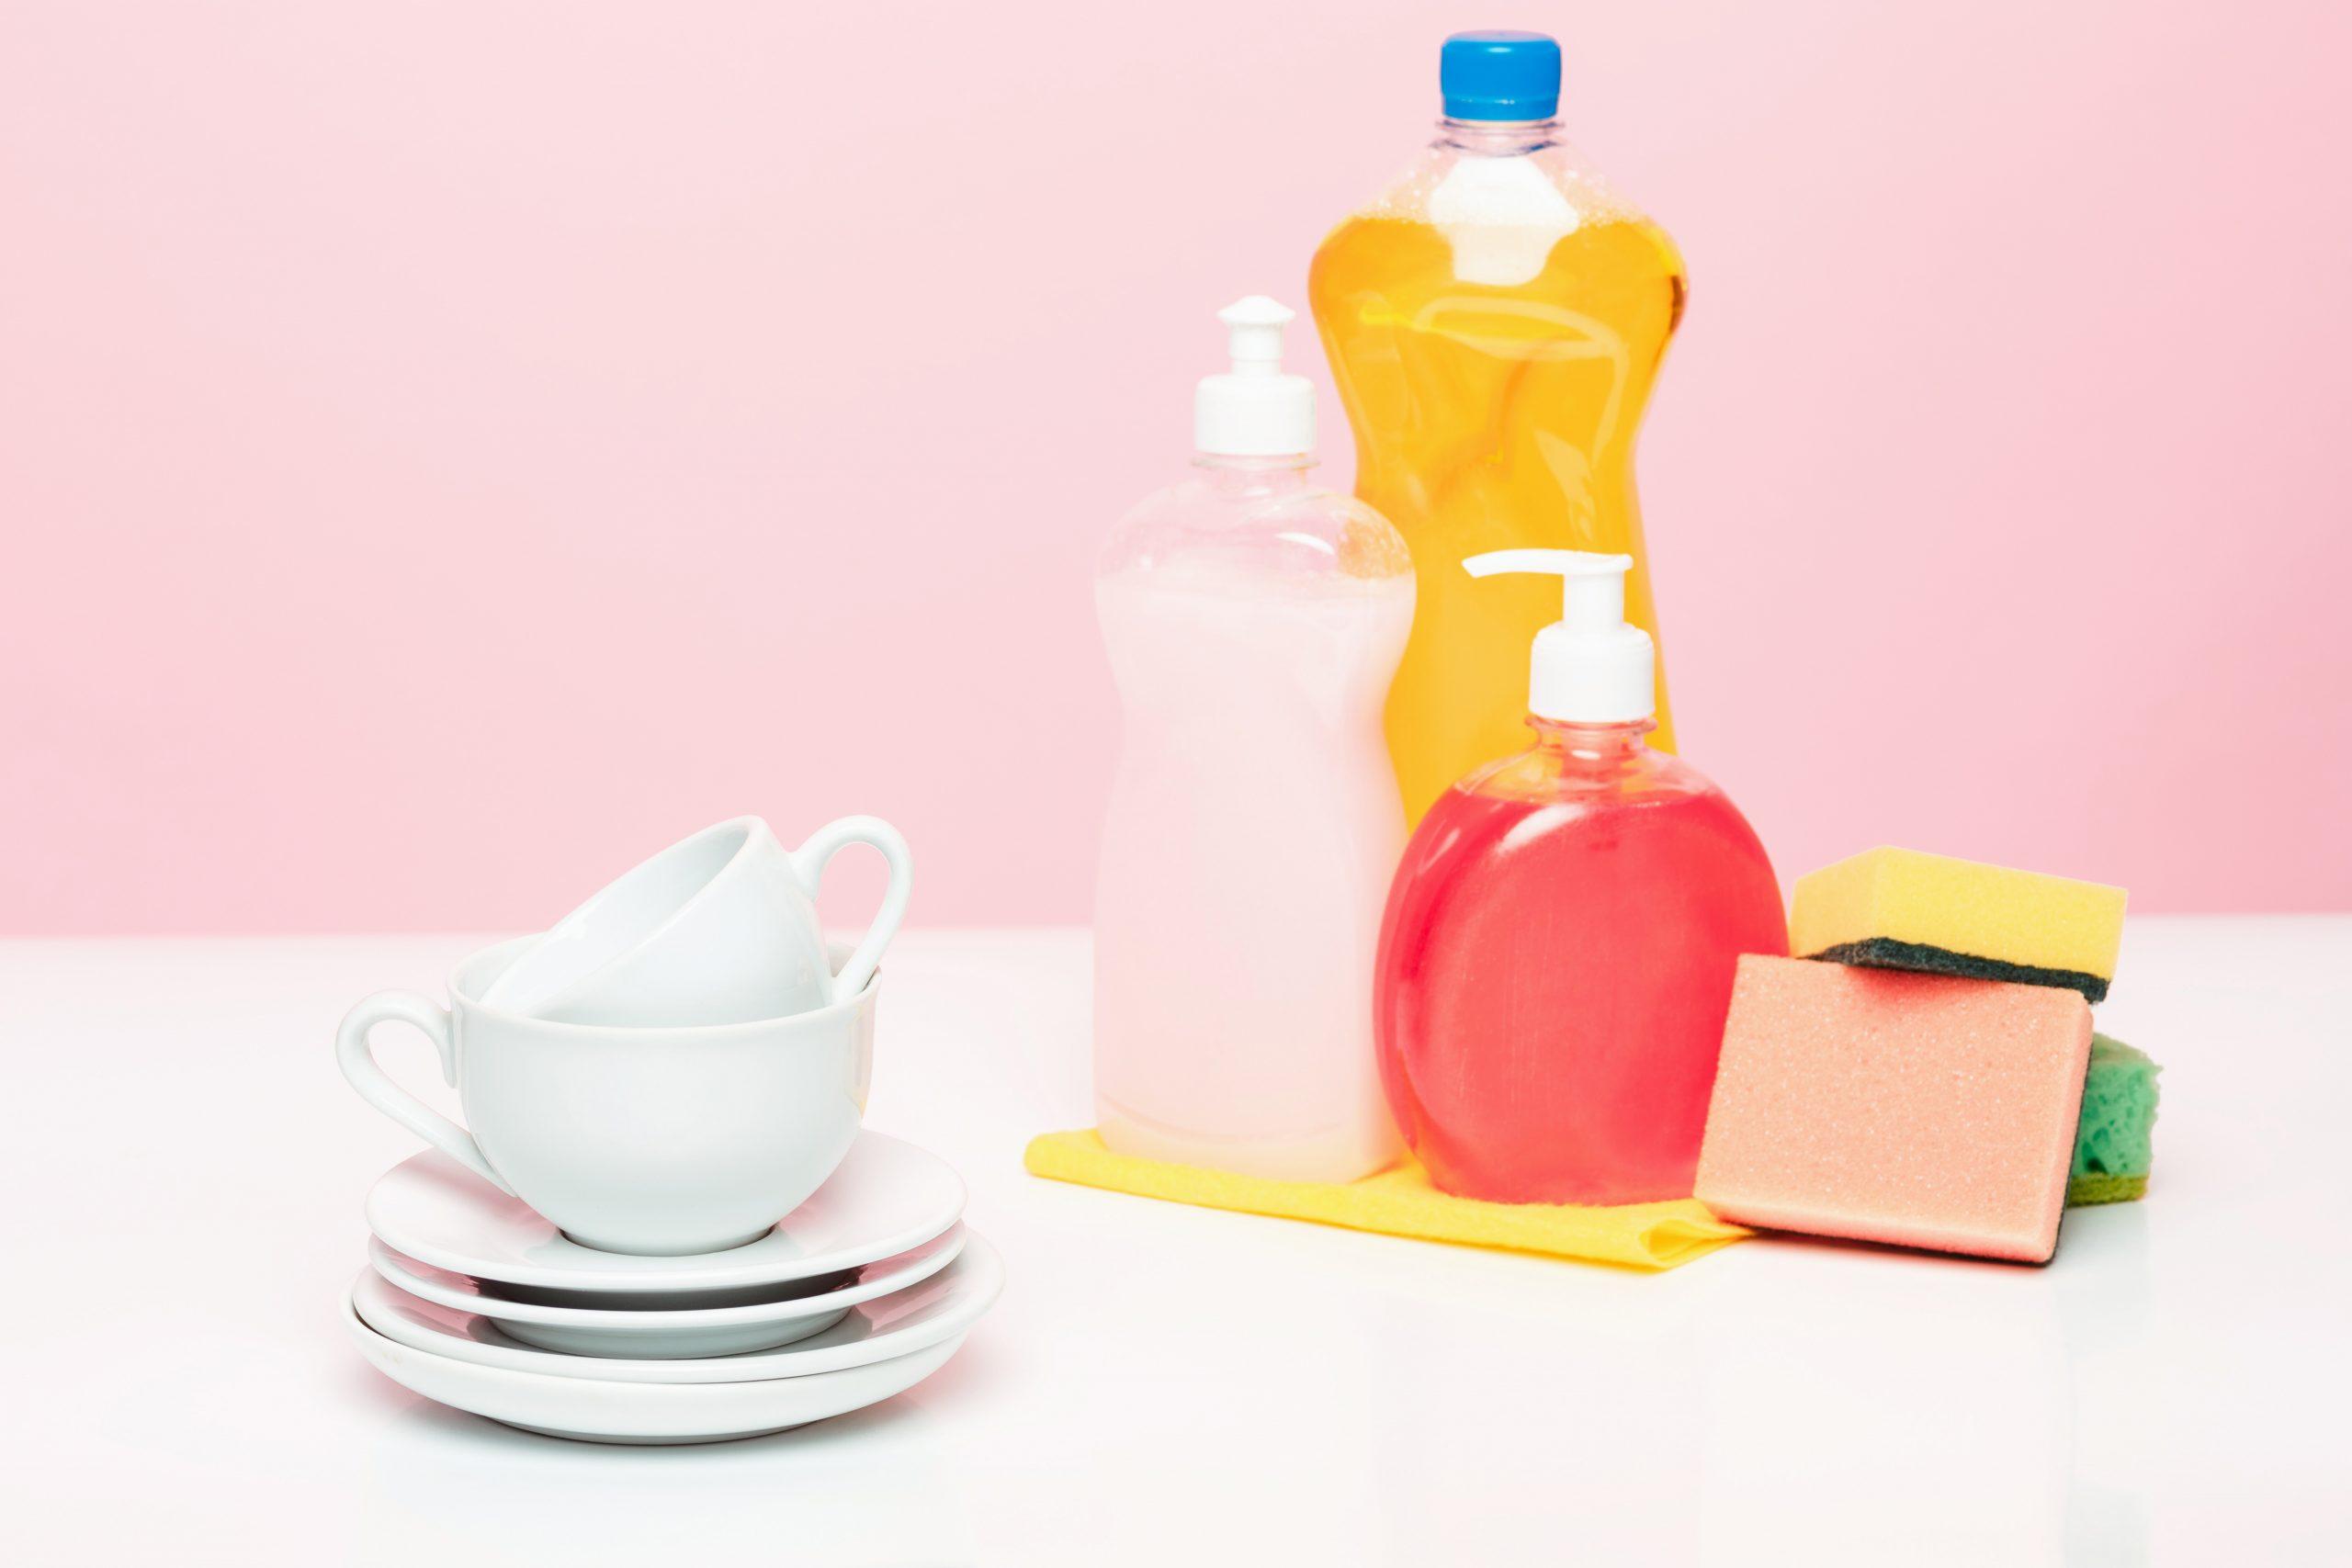 Sabun cuci piring untuk mengatasi tangan pedas